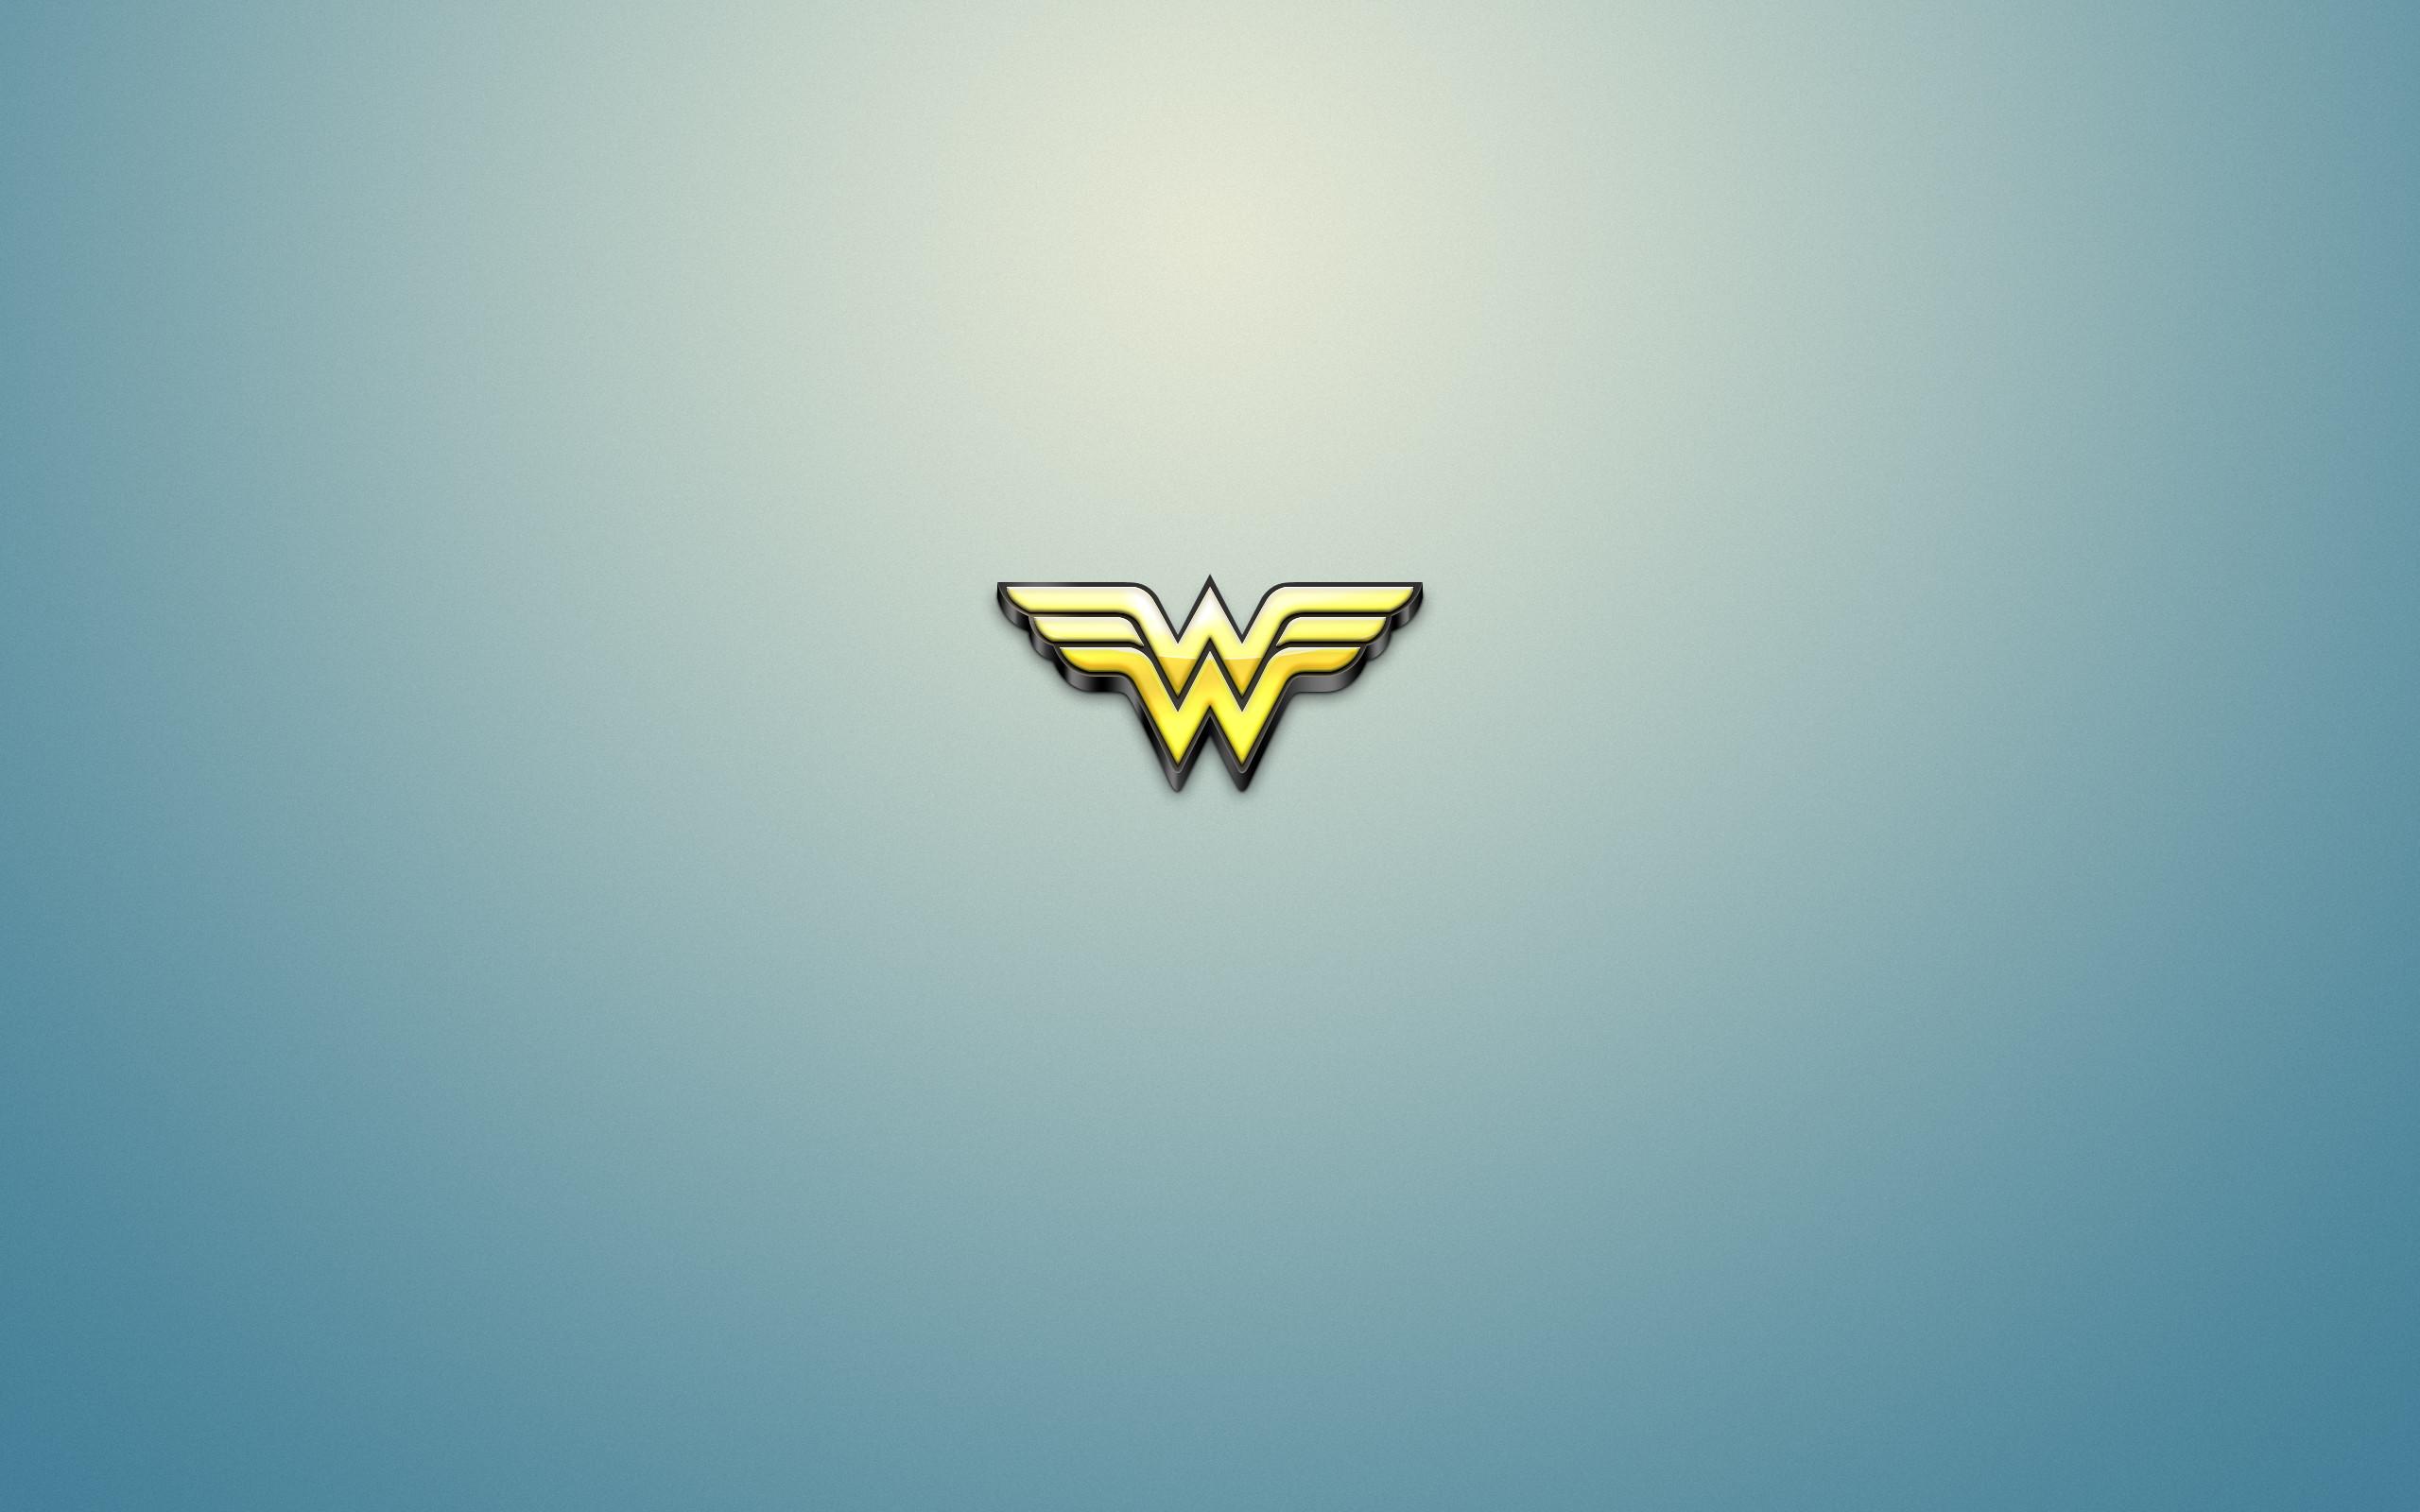 Tech N9ne Wallpaper Hd Wonder Woman Logo Wallpaper 183 ① Wallpapertag